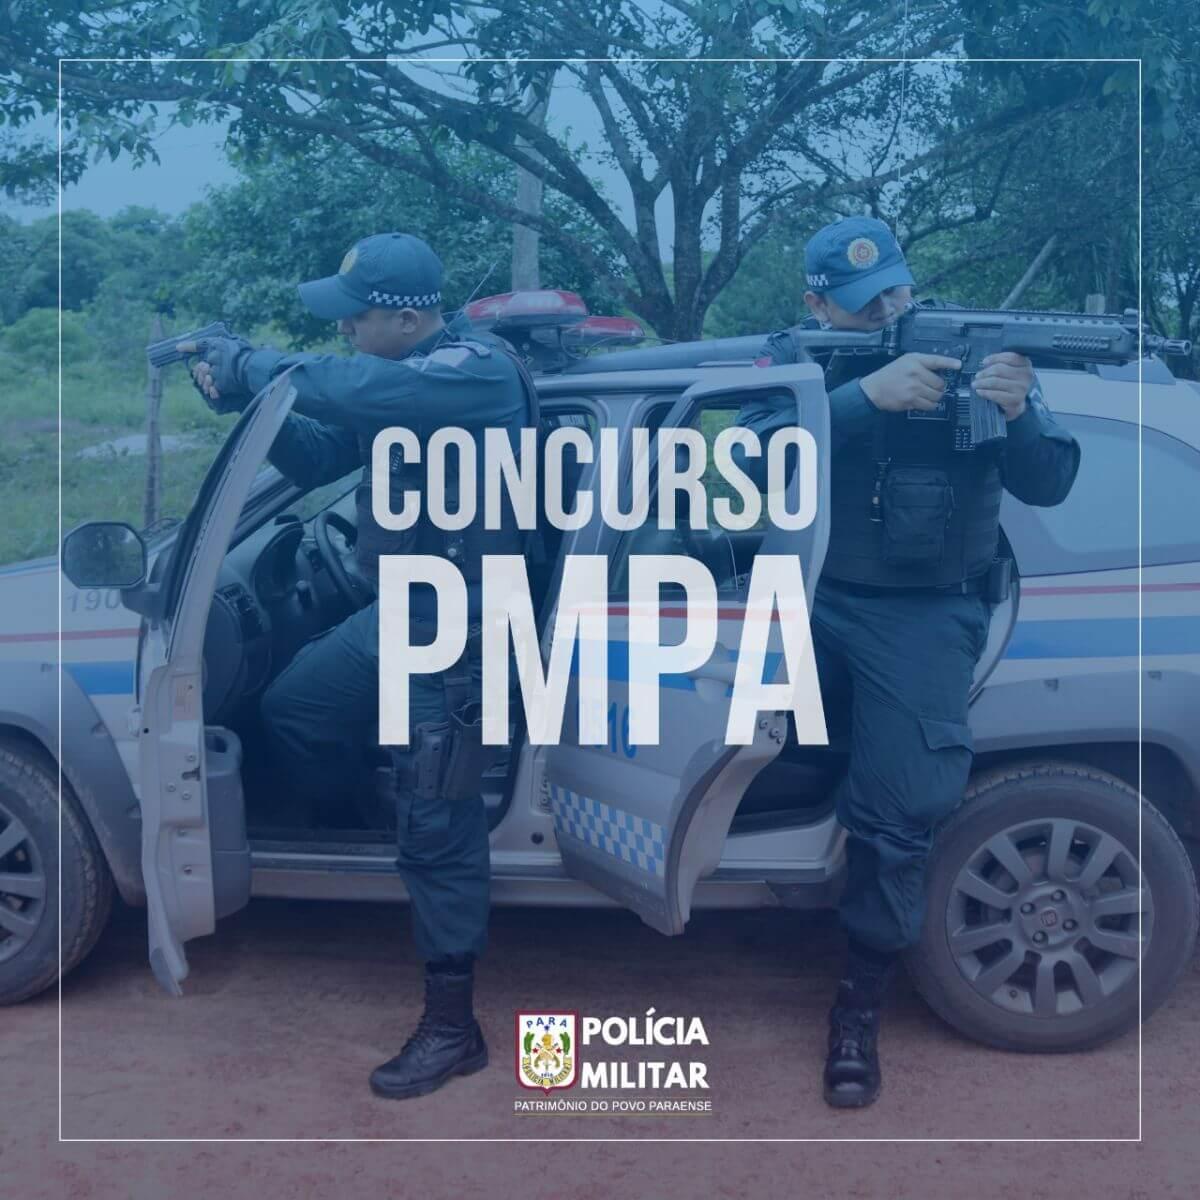 Decisão judicial dá continuidade ao processo licitatório do concurso da PMPA